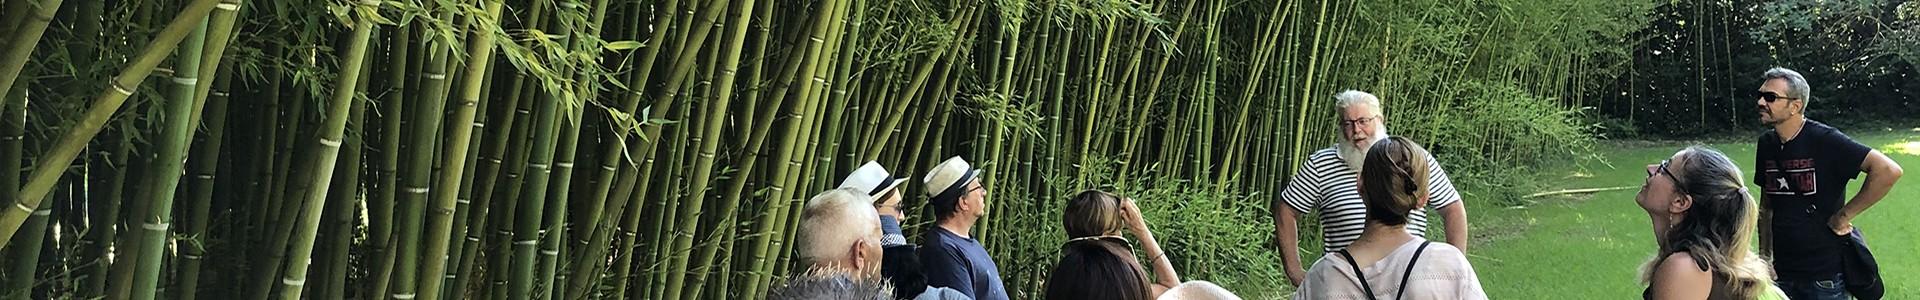 Istres Tourisme, le Club découvrez la bambouseraie de Sulauze et le foin de Crau